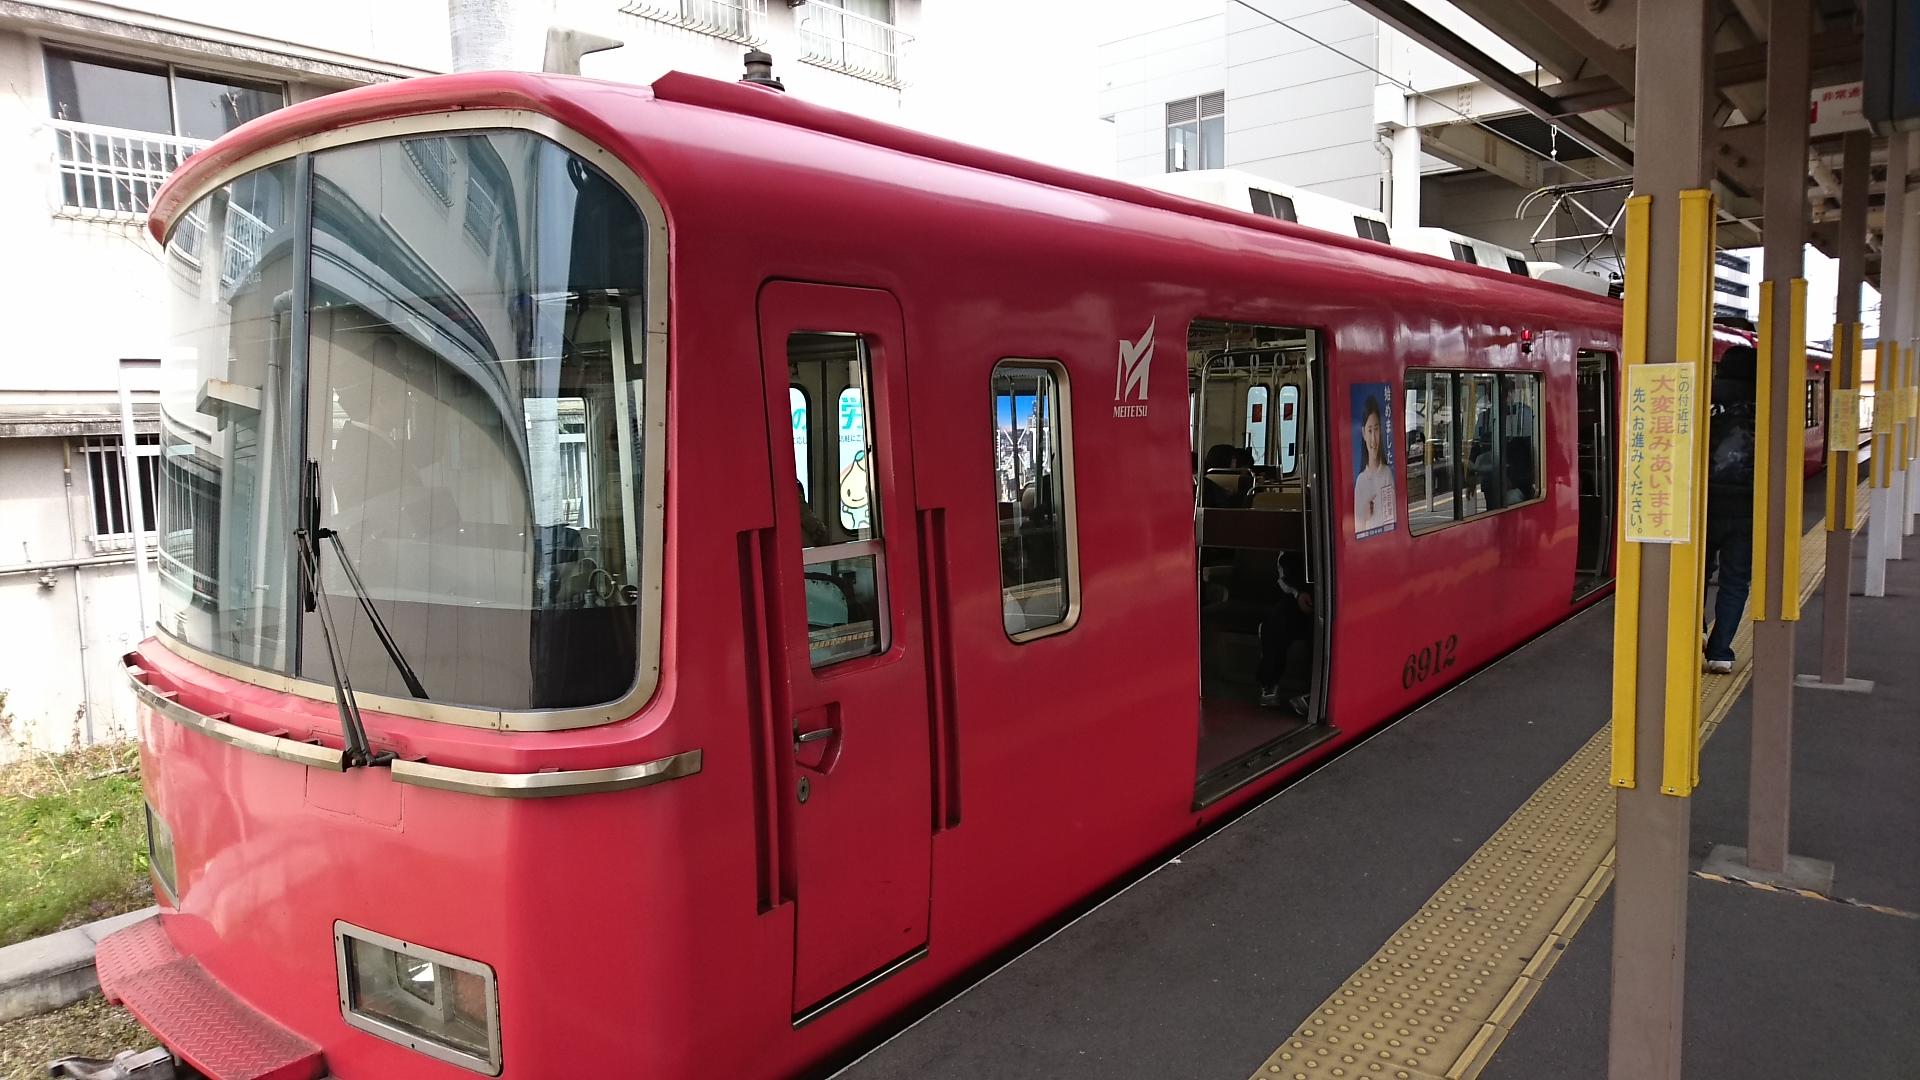 2017.3.18 古井から美合まで (7) しんあんじょう - 東岡崎いきふつう